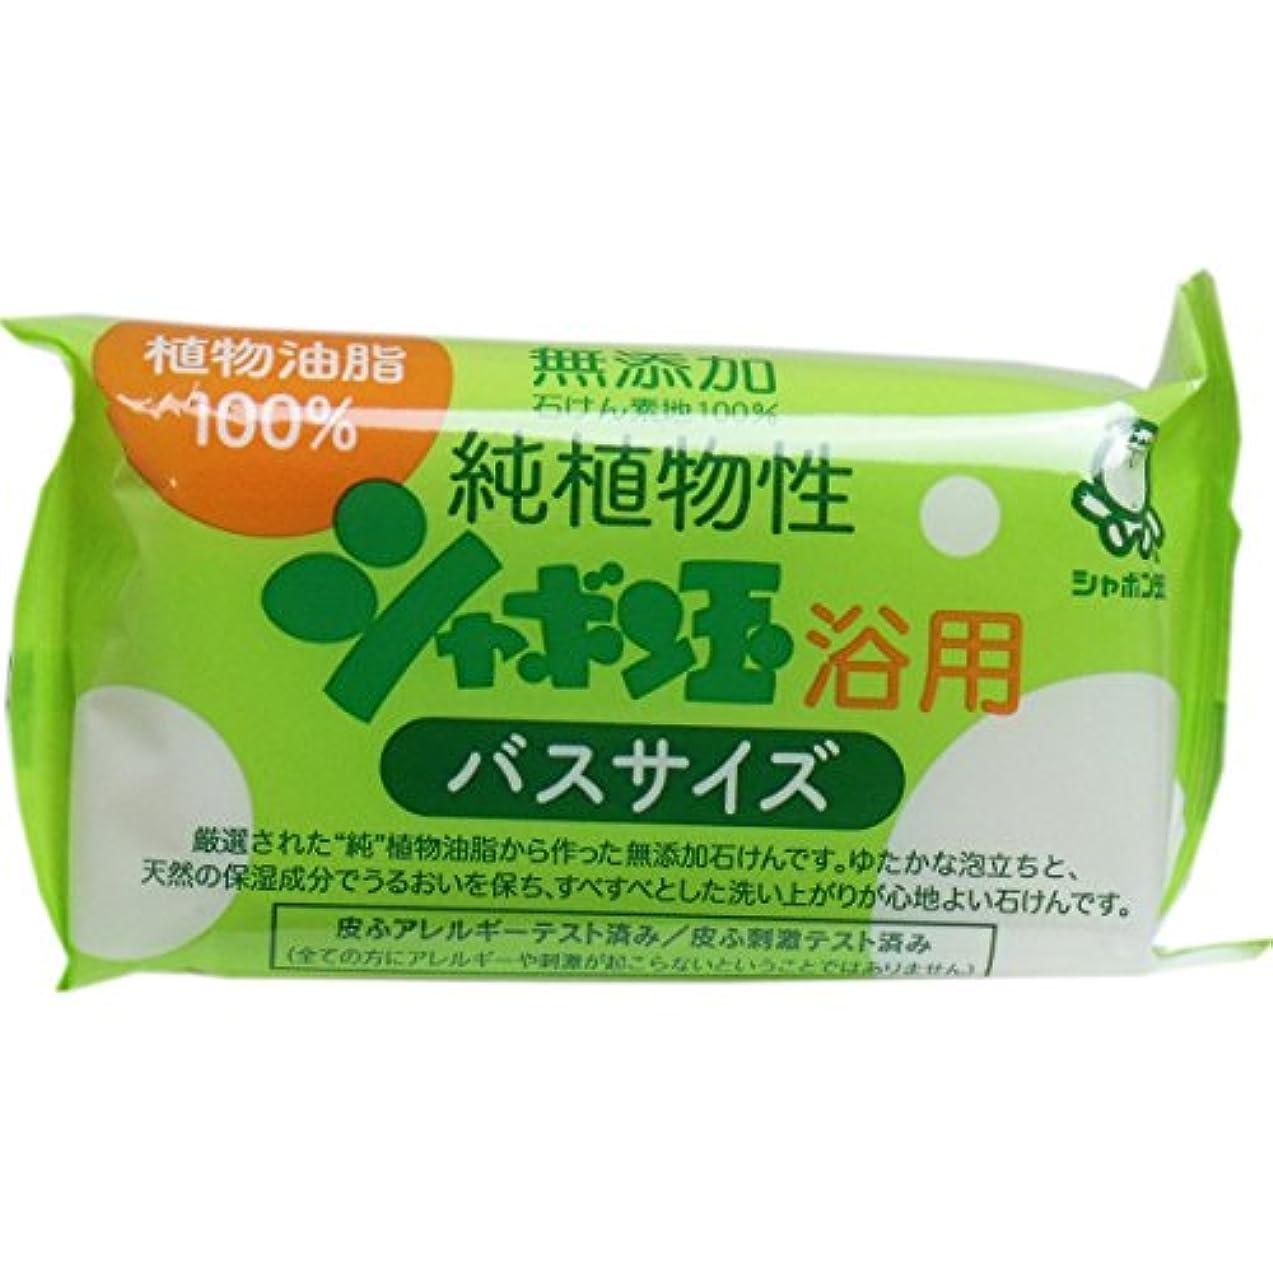 好み日光に勝る無添加 シャボン玉 純植物性浴用石けん バスサイズ 155g(無添加石鹸)